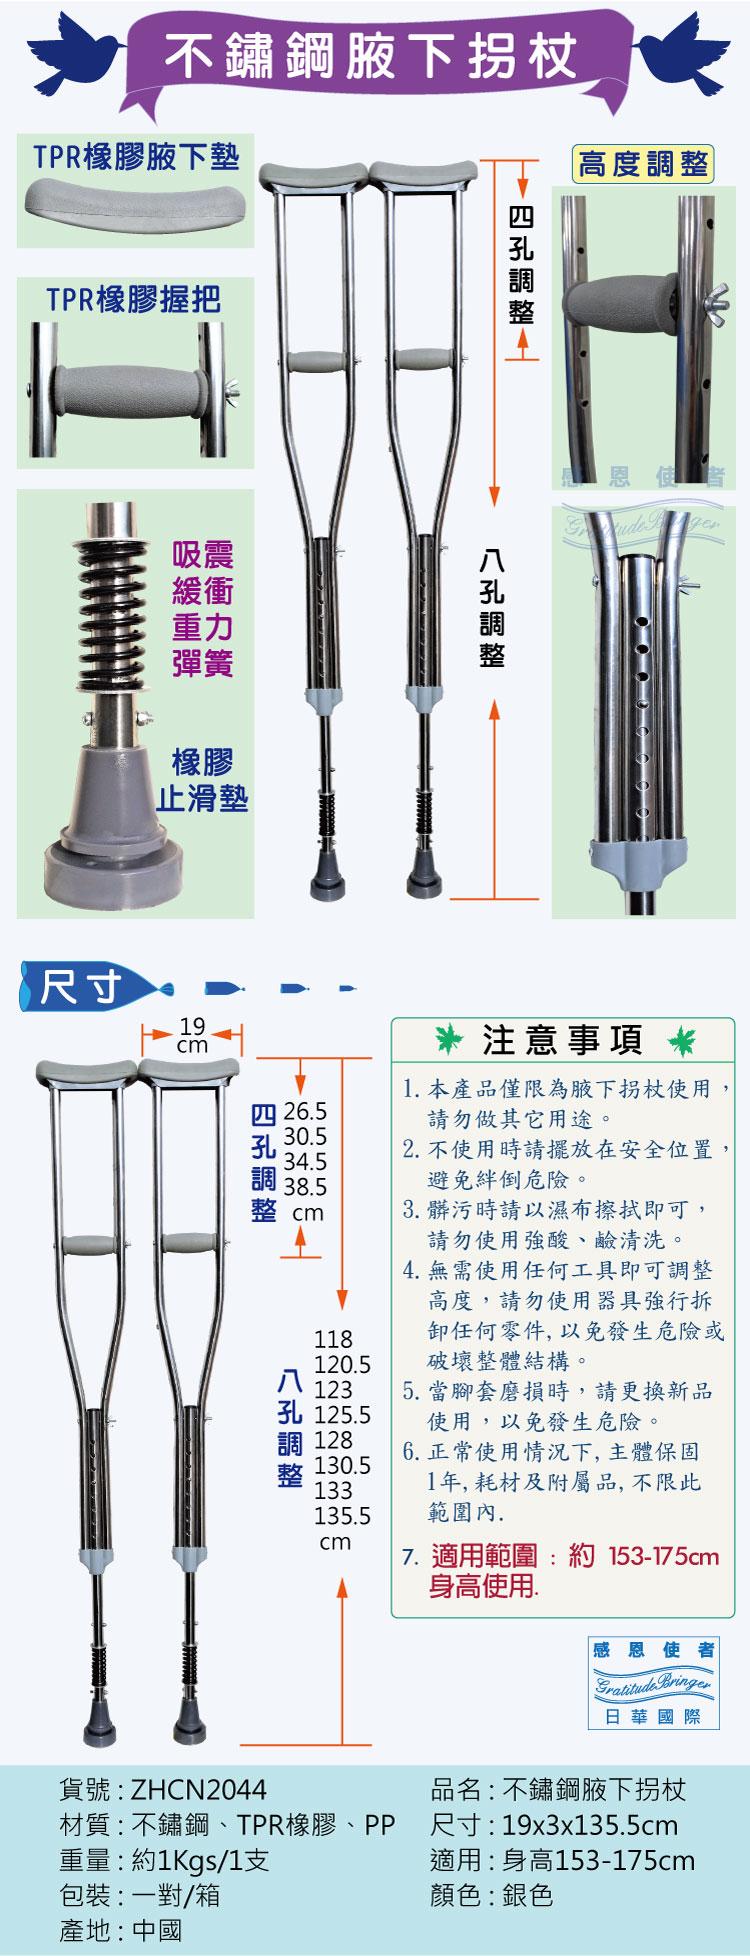 日華國際~感恩使者 #不鏽鋼腋下拐杖(一對) -高度多段調整、吸震緩衝重力彈簧設計,橡膠腋下墊/握把,止滑腳套,助行,步行輔具